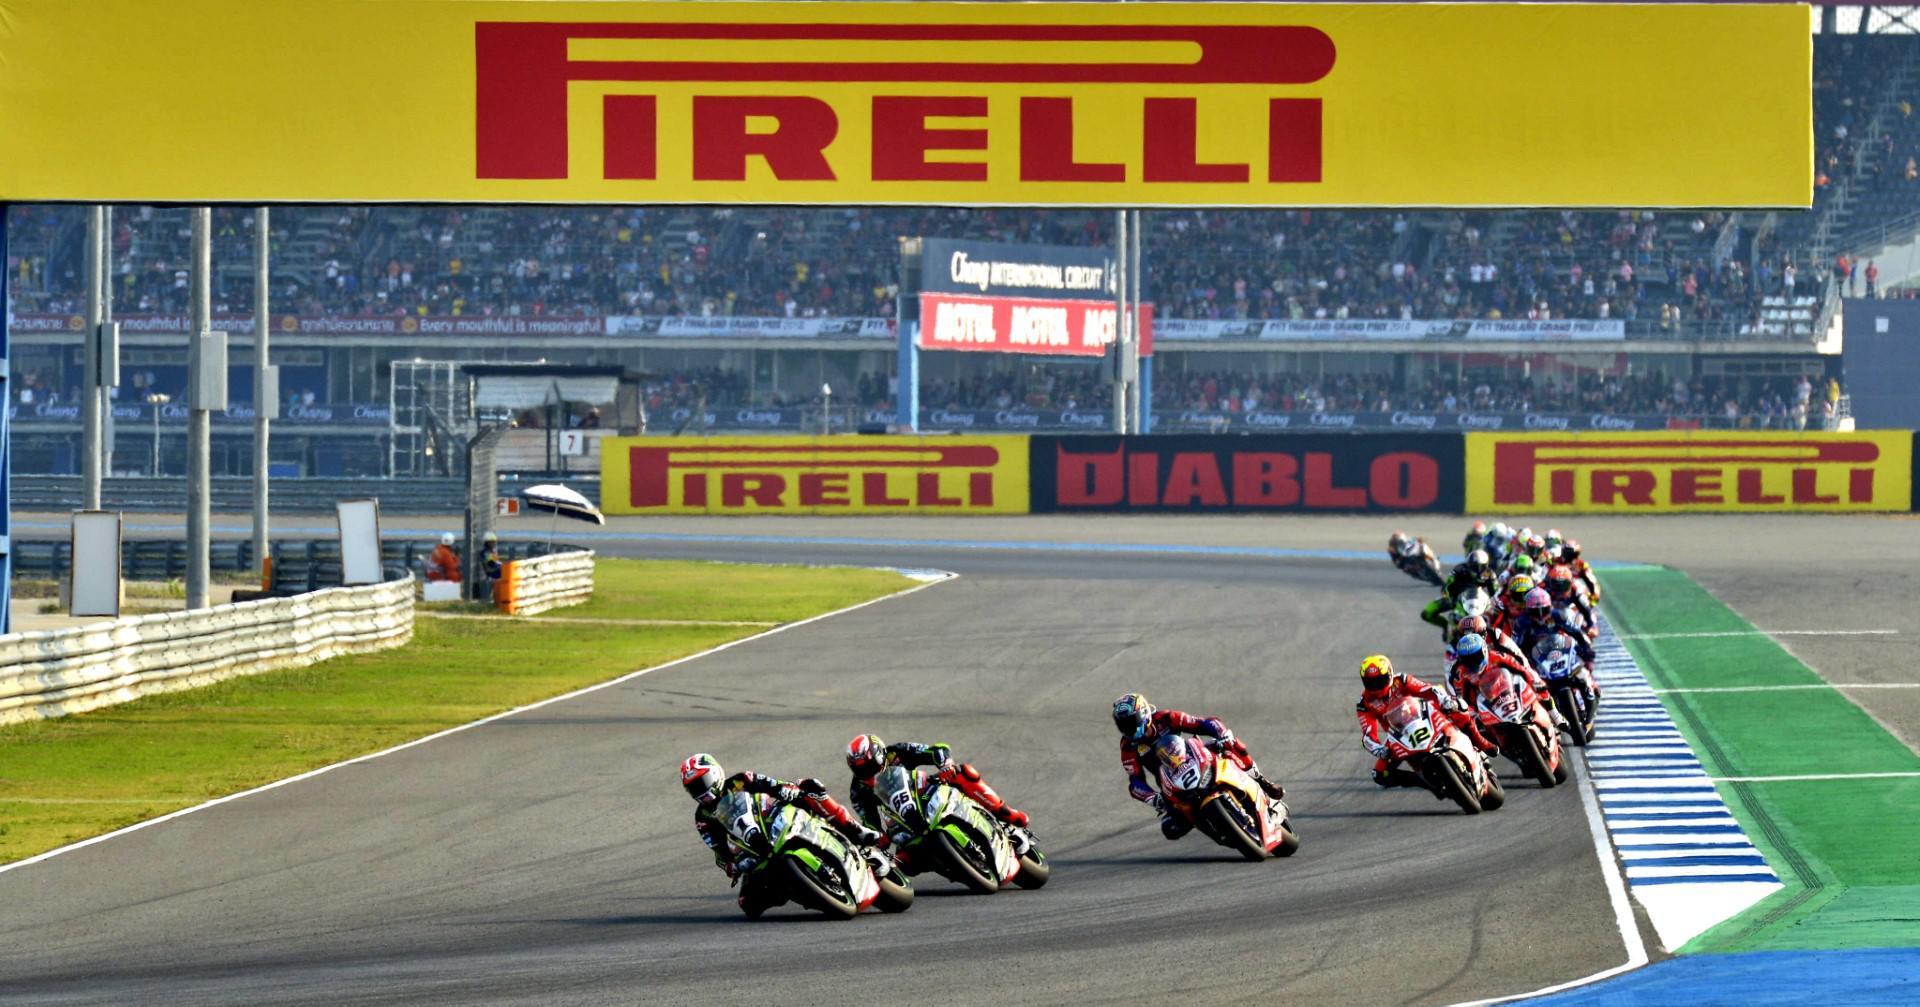 pirelli-fournisseur-officiel-pour-toutes-les-categories-du-championnat-du-monde-fim-superbike-jusqu-en-2023-1142-5.jpg